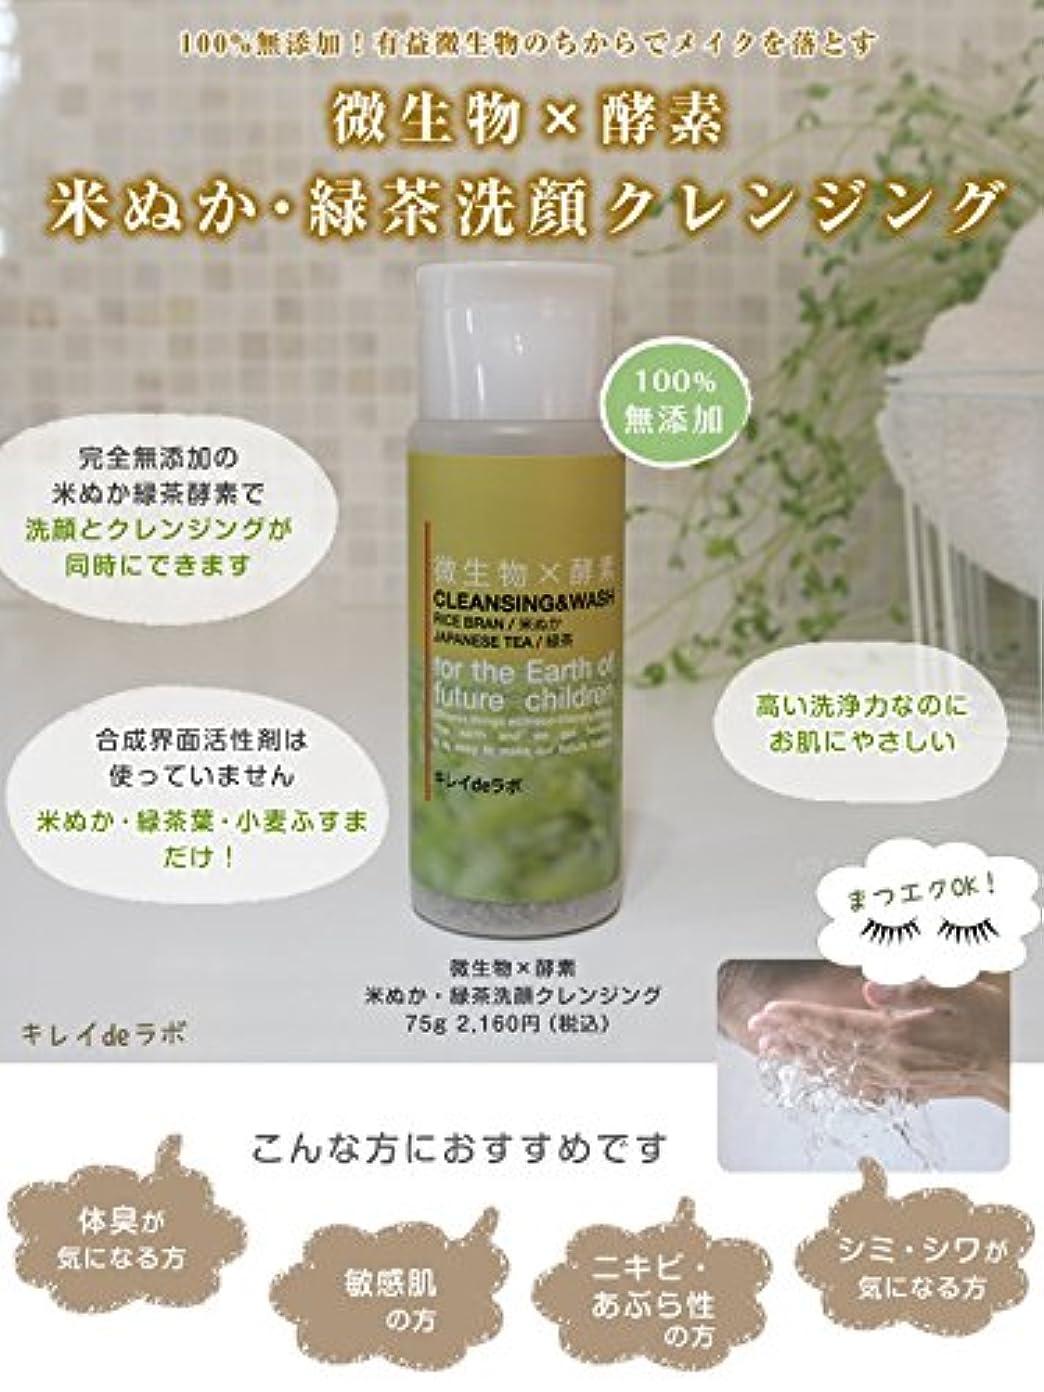 動揺させるスキム太鼓腹微生物×酵素 米ぬか緑茶洗顔クレンジング100%無添加 マツエクOK … (本体 75g) みんなでみらいを 米ぬか使用